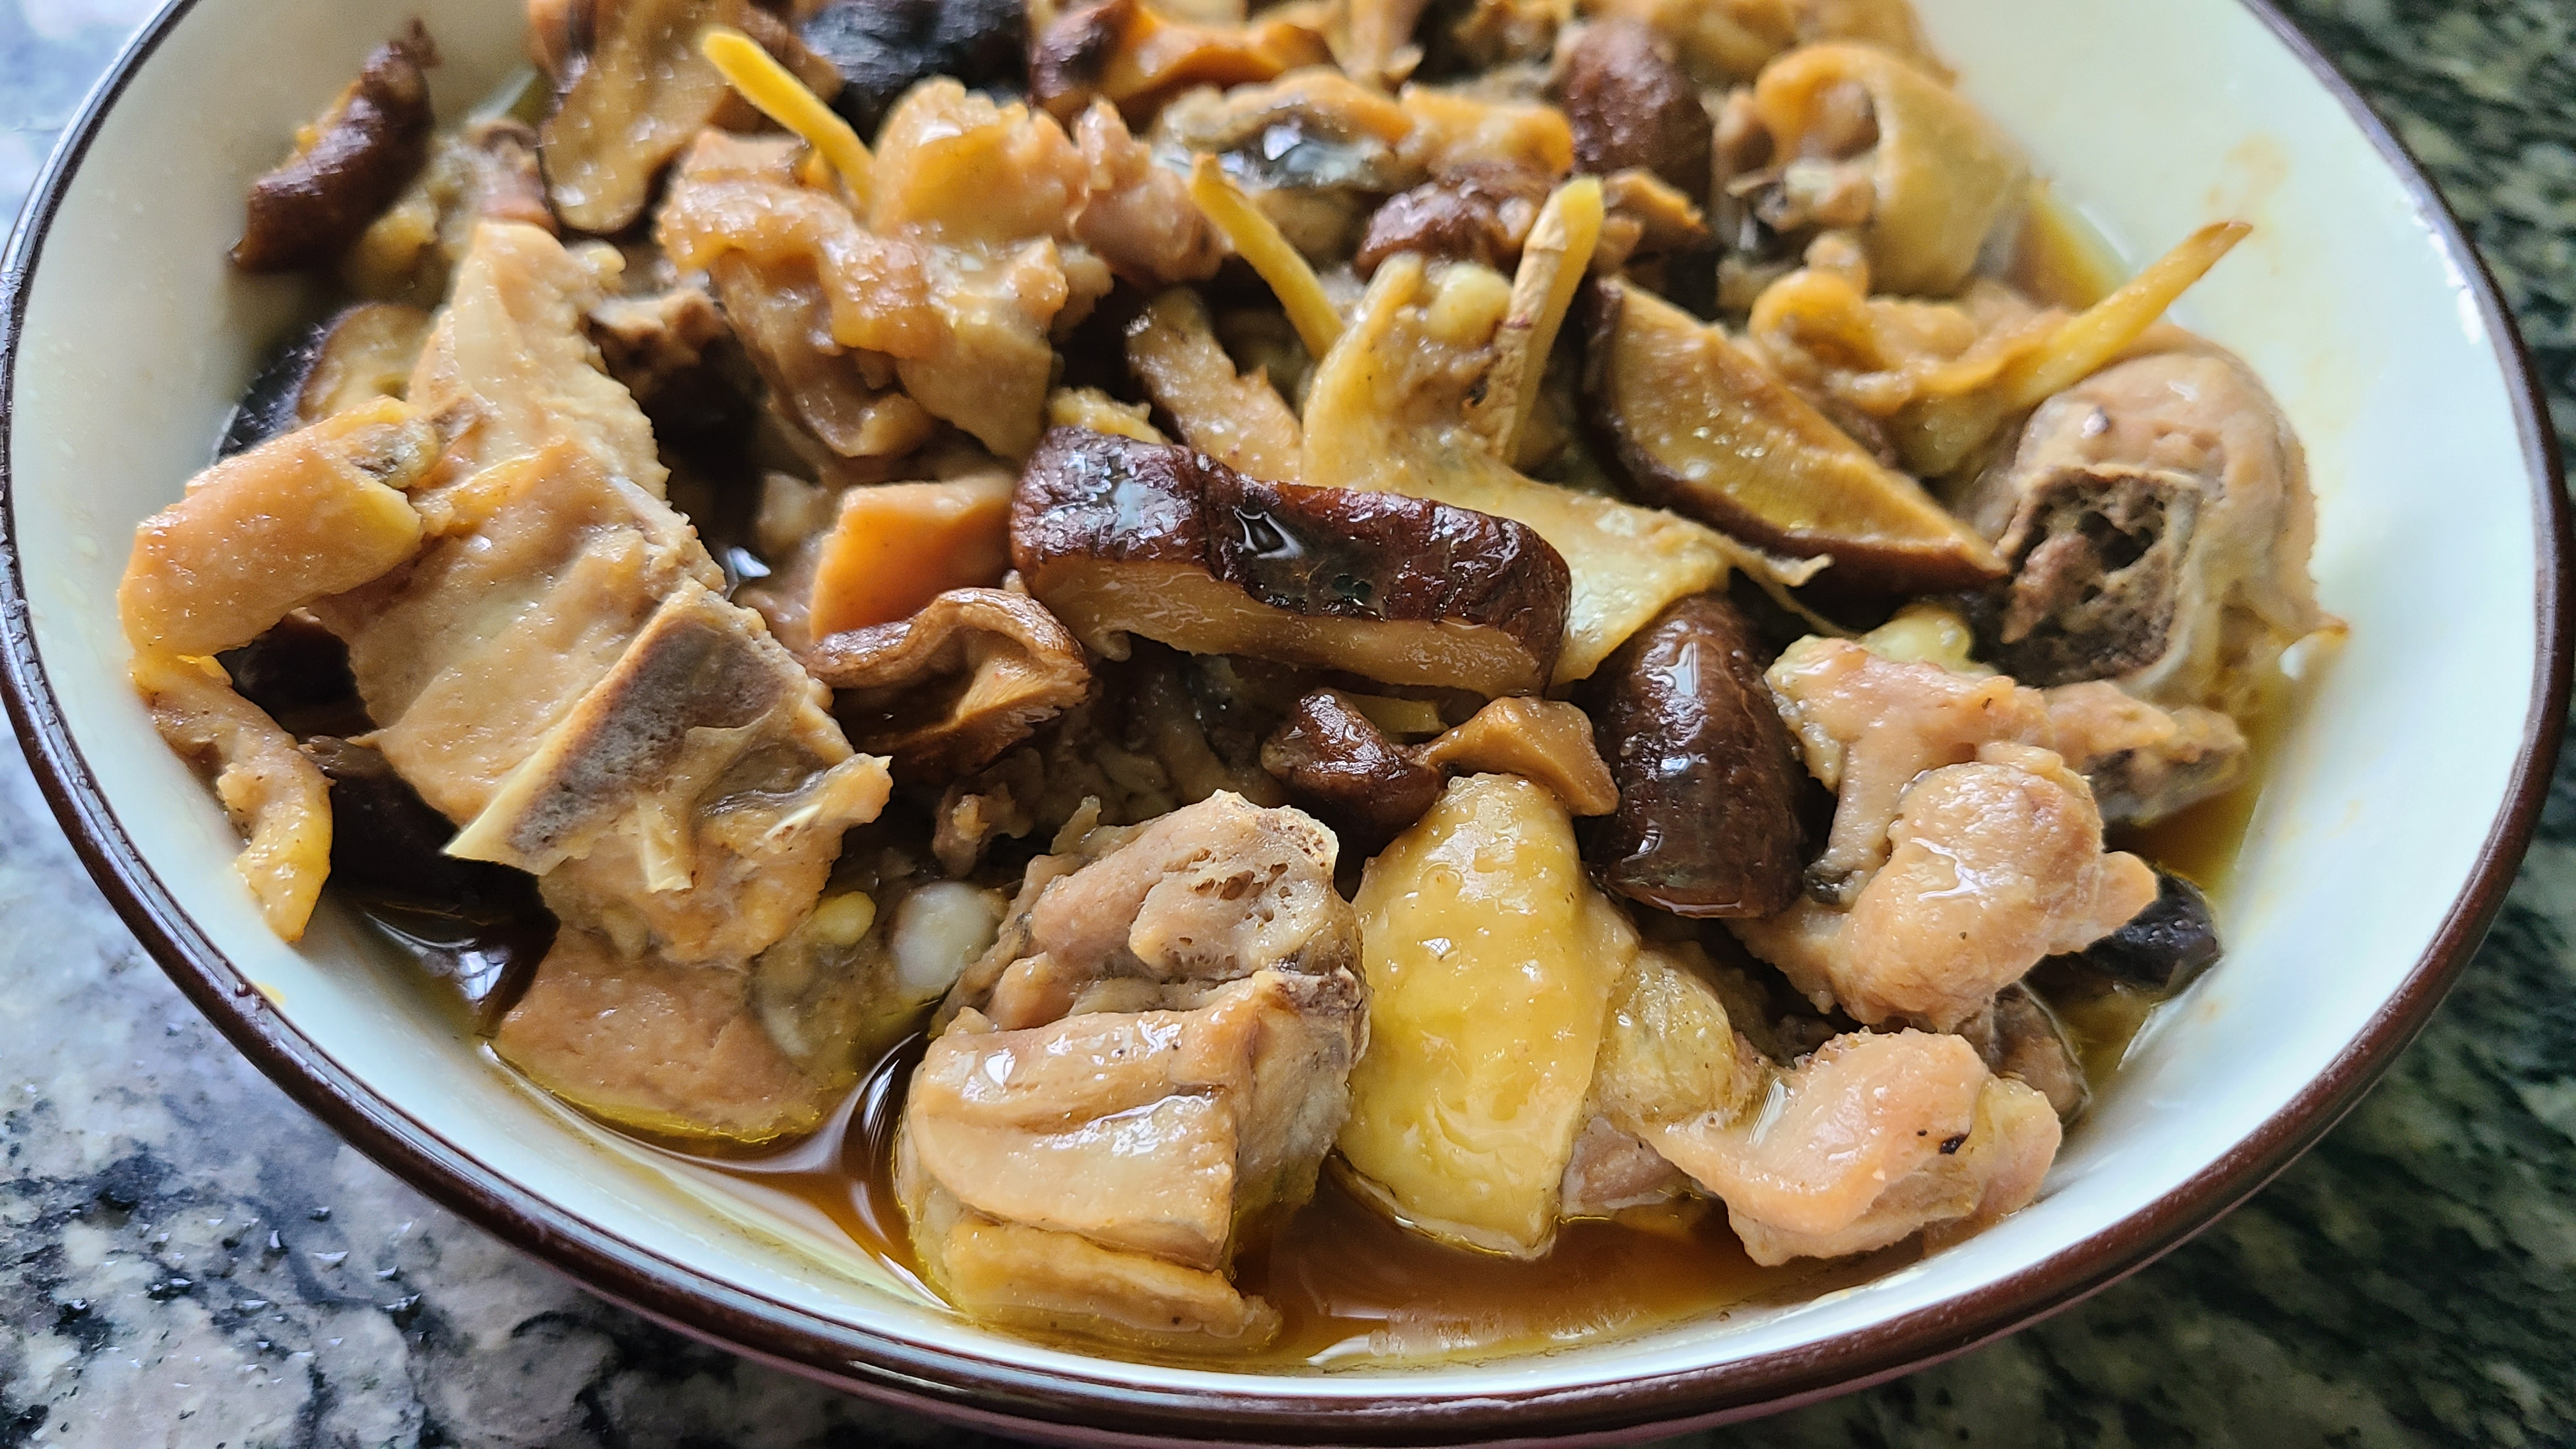 广东人很爱吃的香菇蒸滑鸡,嫩滑好吃,做法简单,看着就馋人